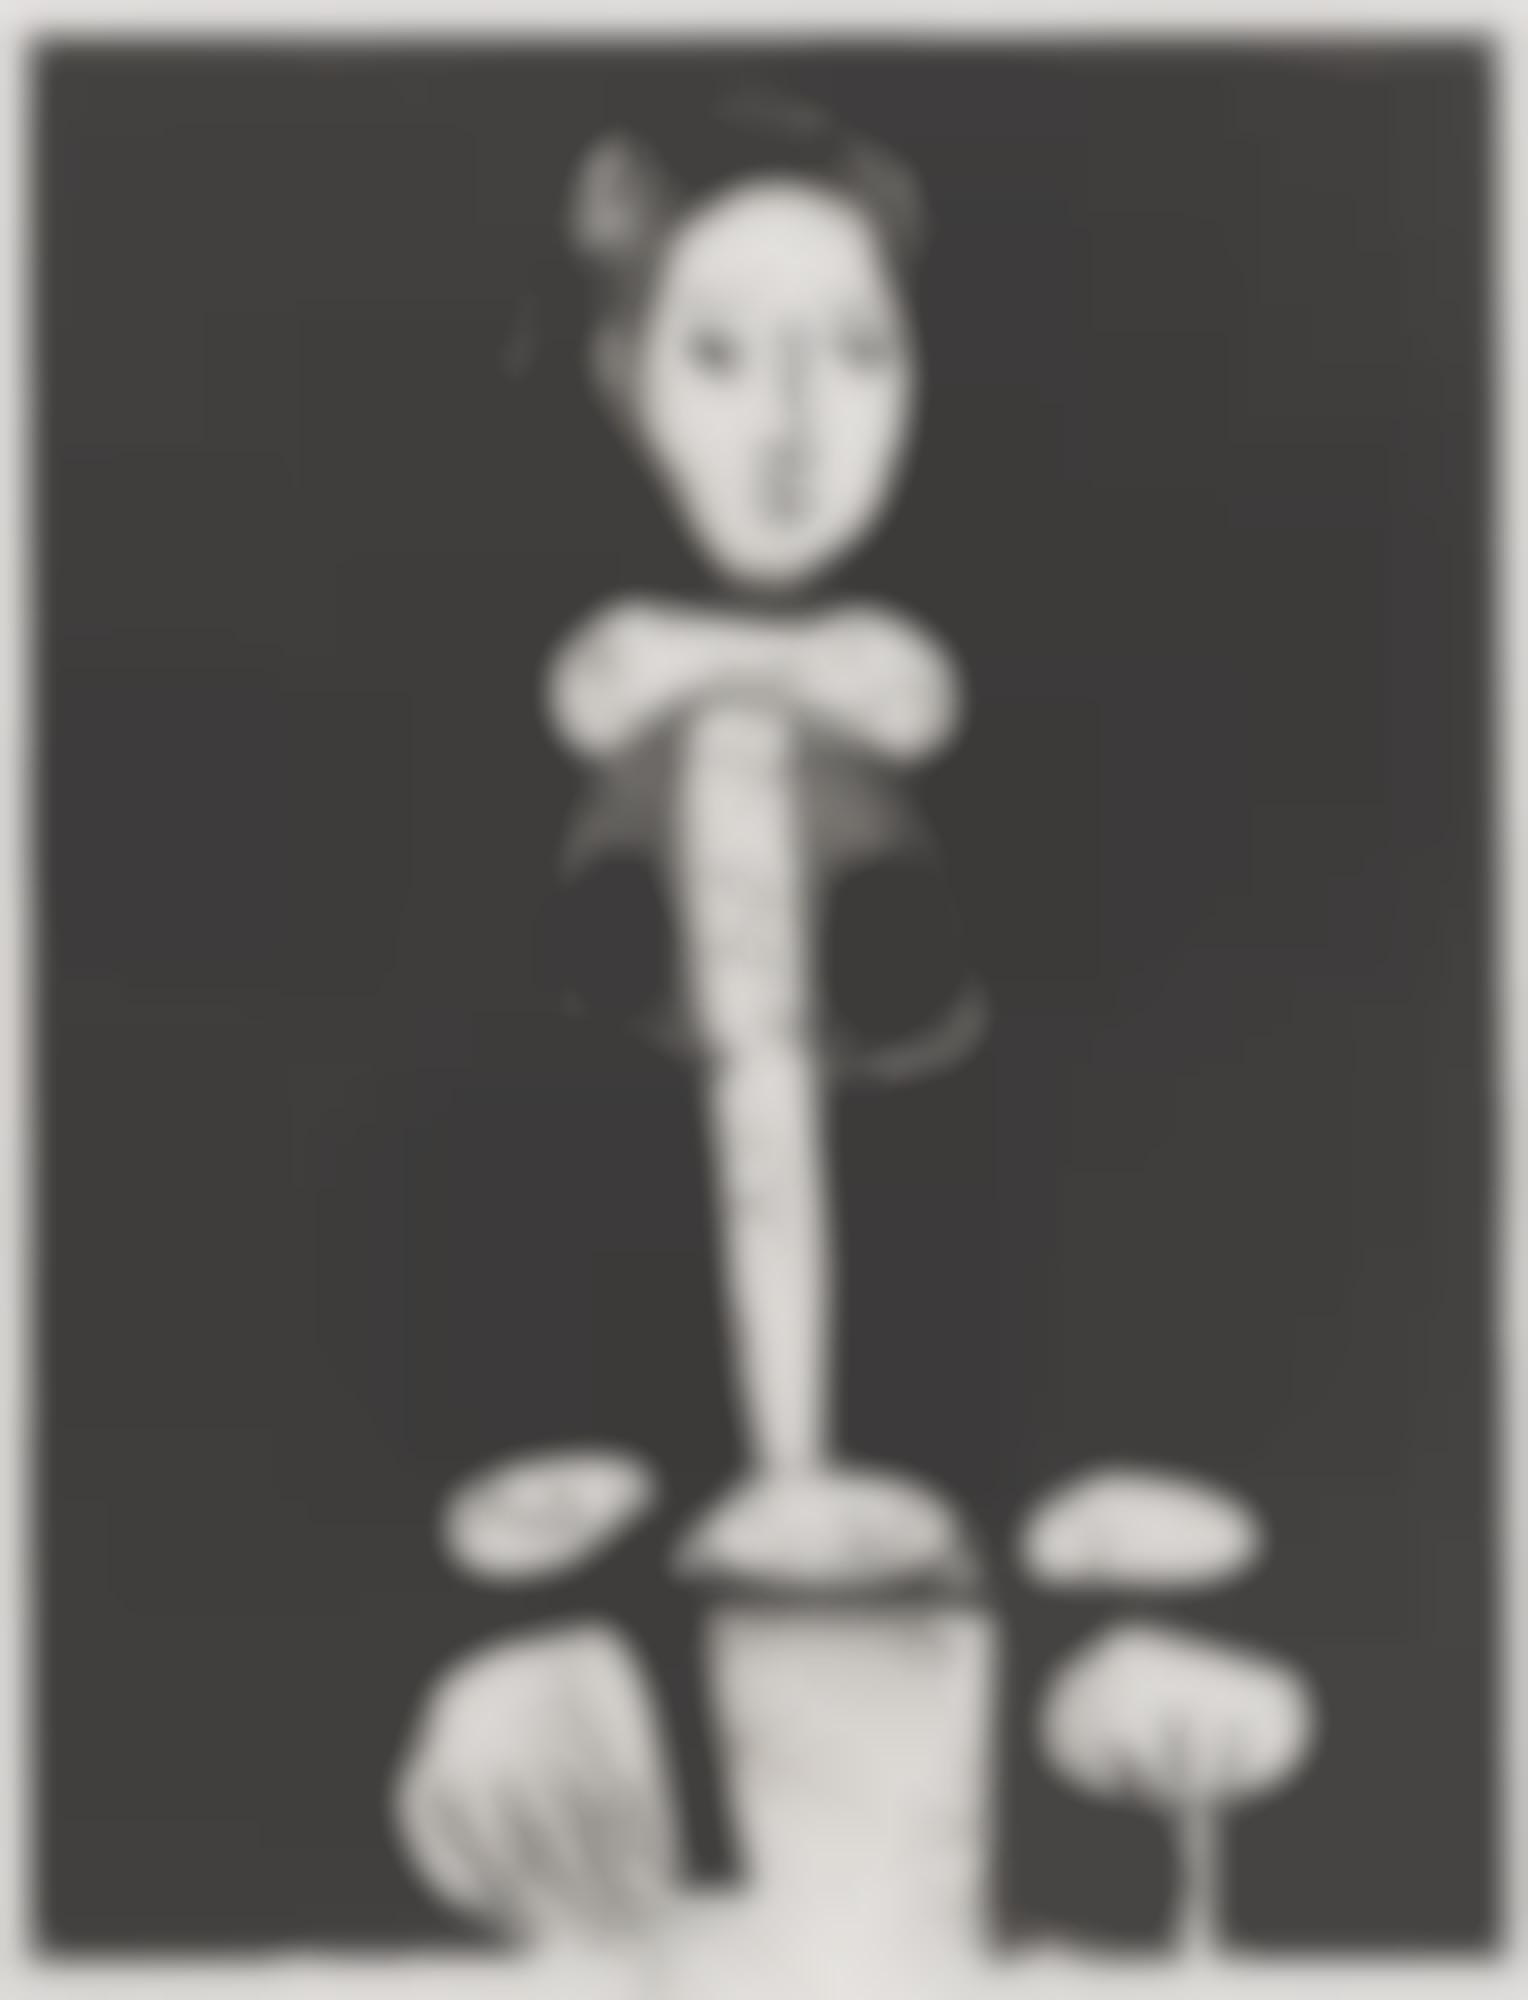 Pablo Picasso-Le Femme Au Fauteuil No. 3 D'Apres Le Jaune (M. 136)-1949